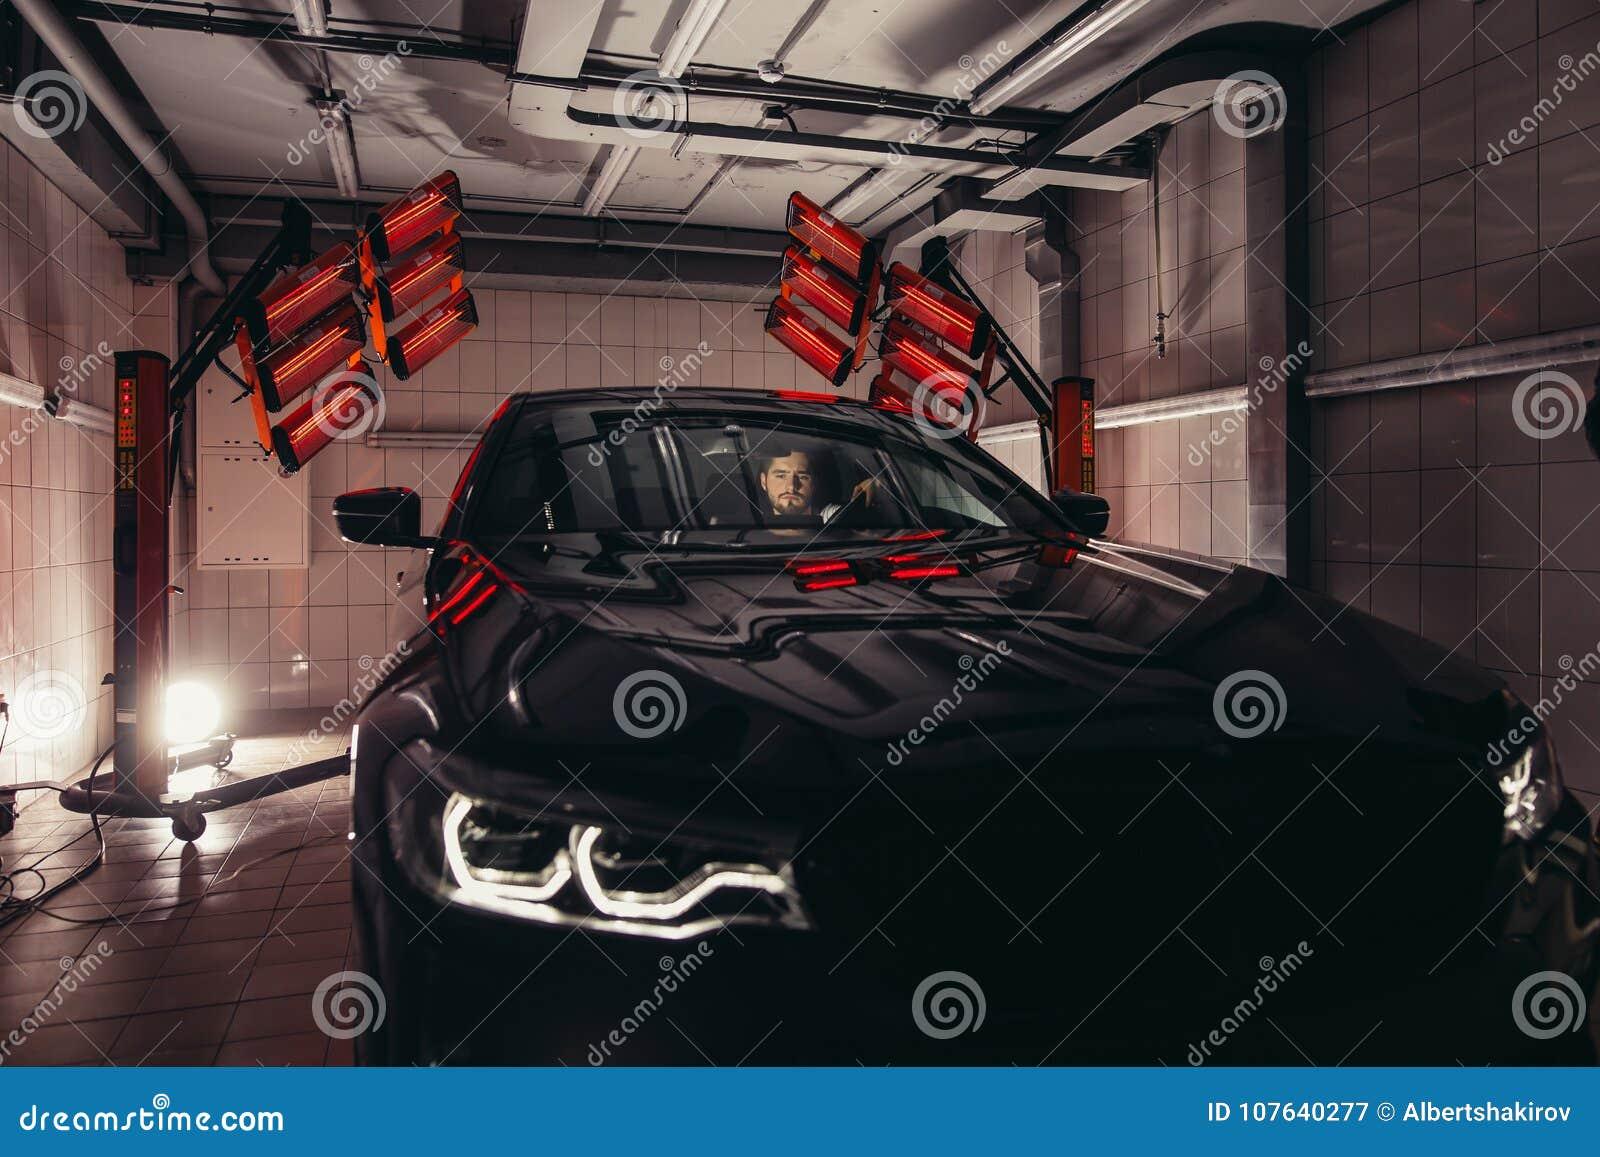 Las lámparas para secar la capa de cerámica están detrás de coche